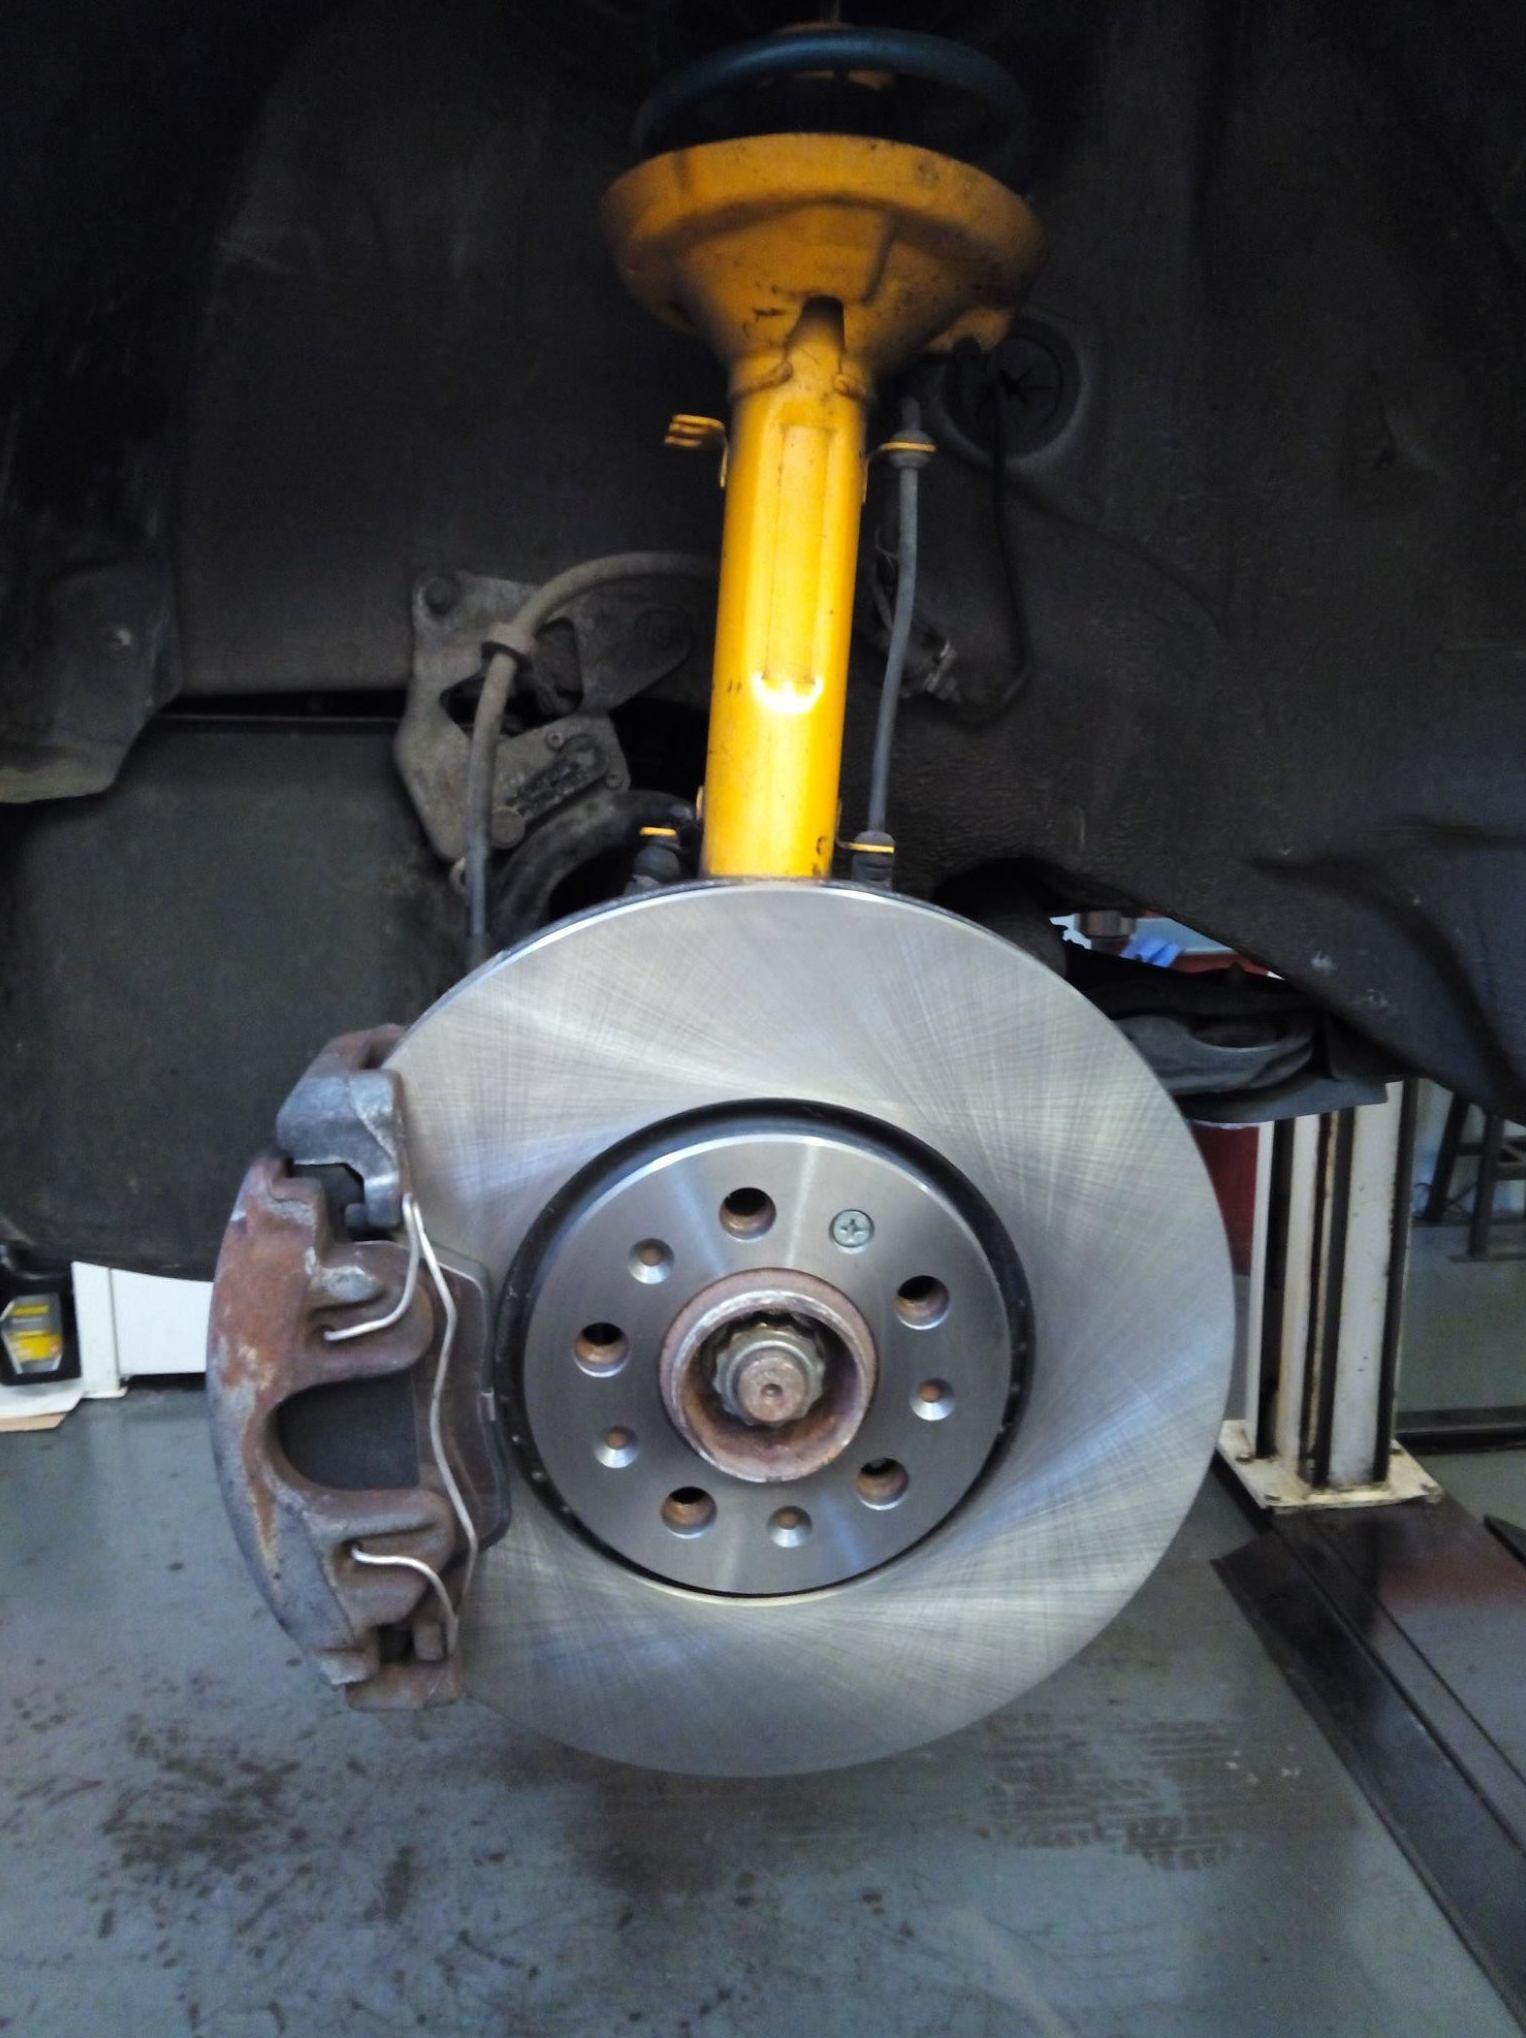 Aumenta las prestaciones de tu vehículo.